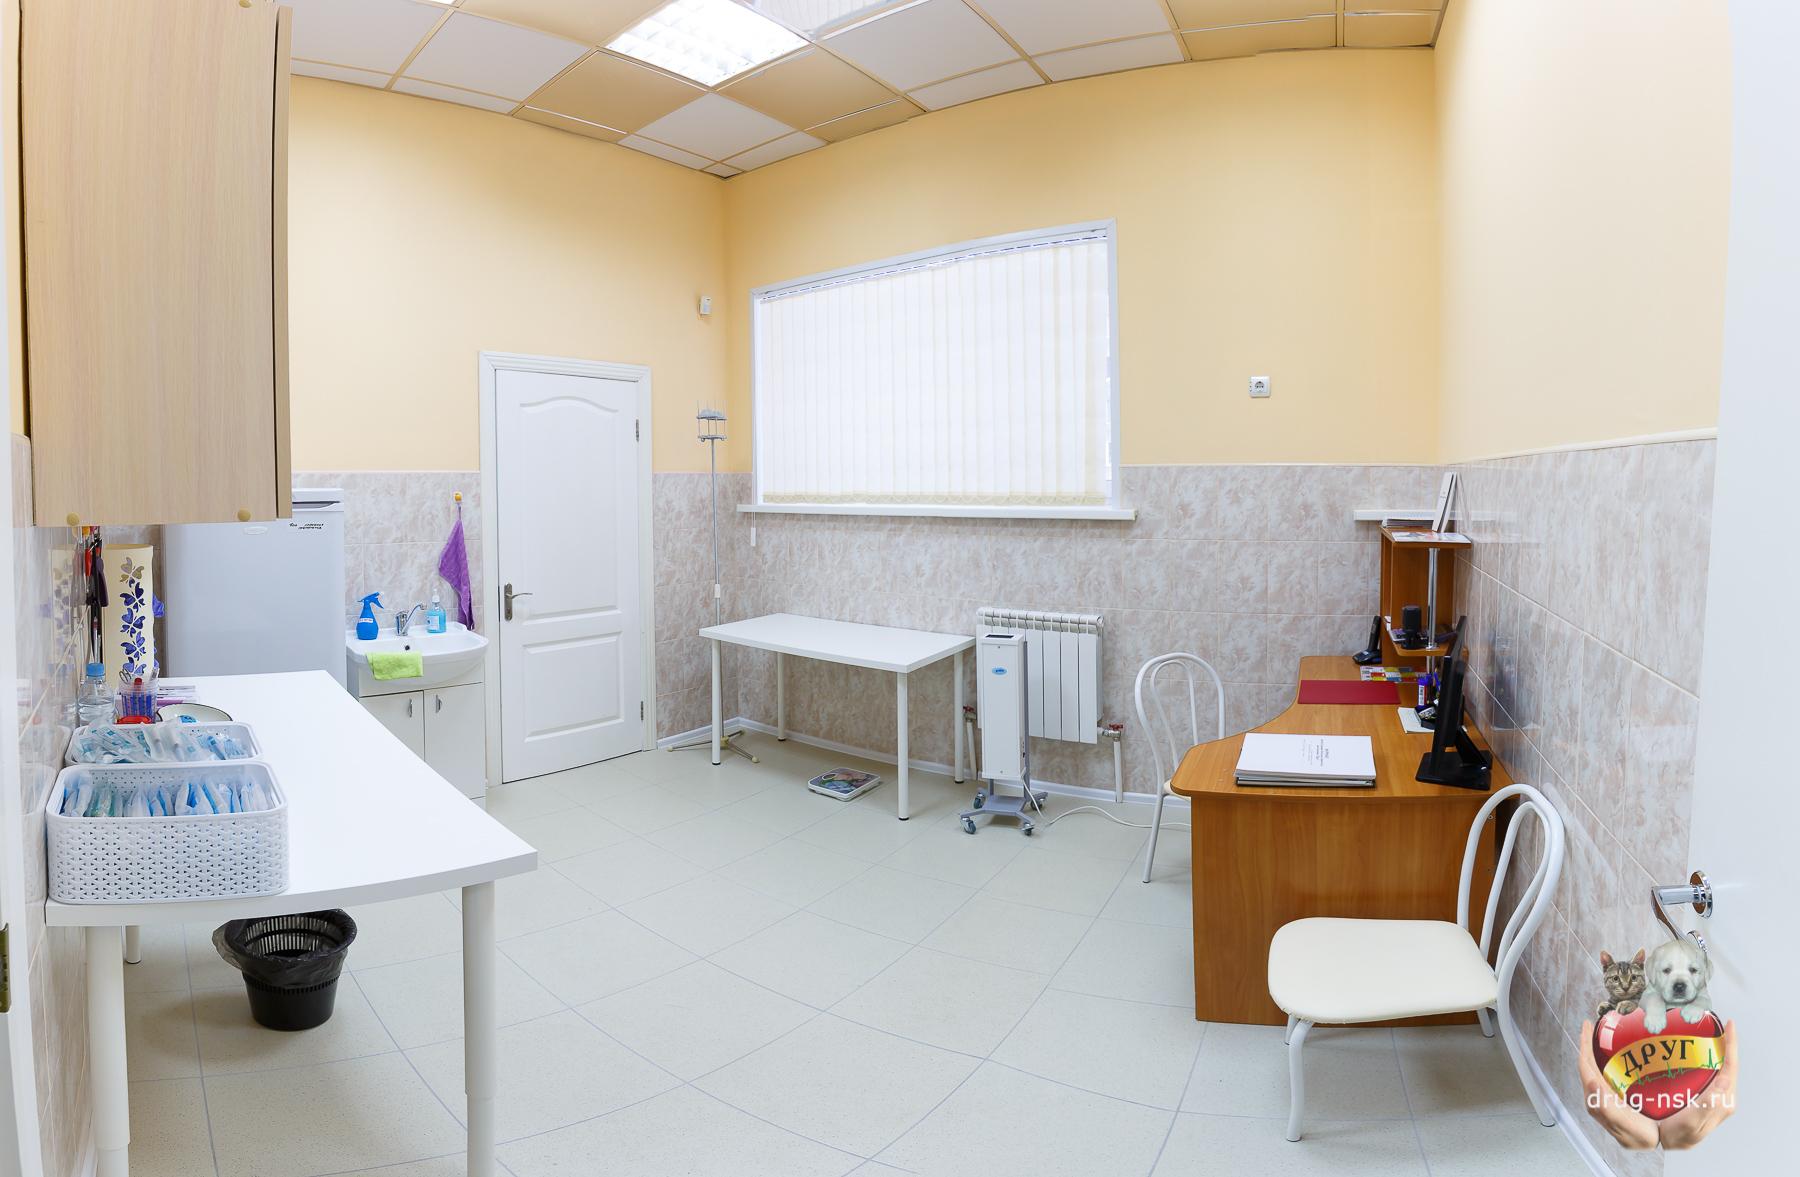 Городская поликлиника 219 филиал 2